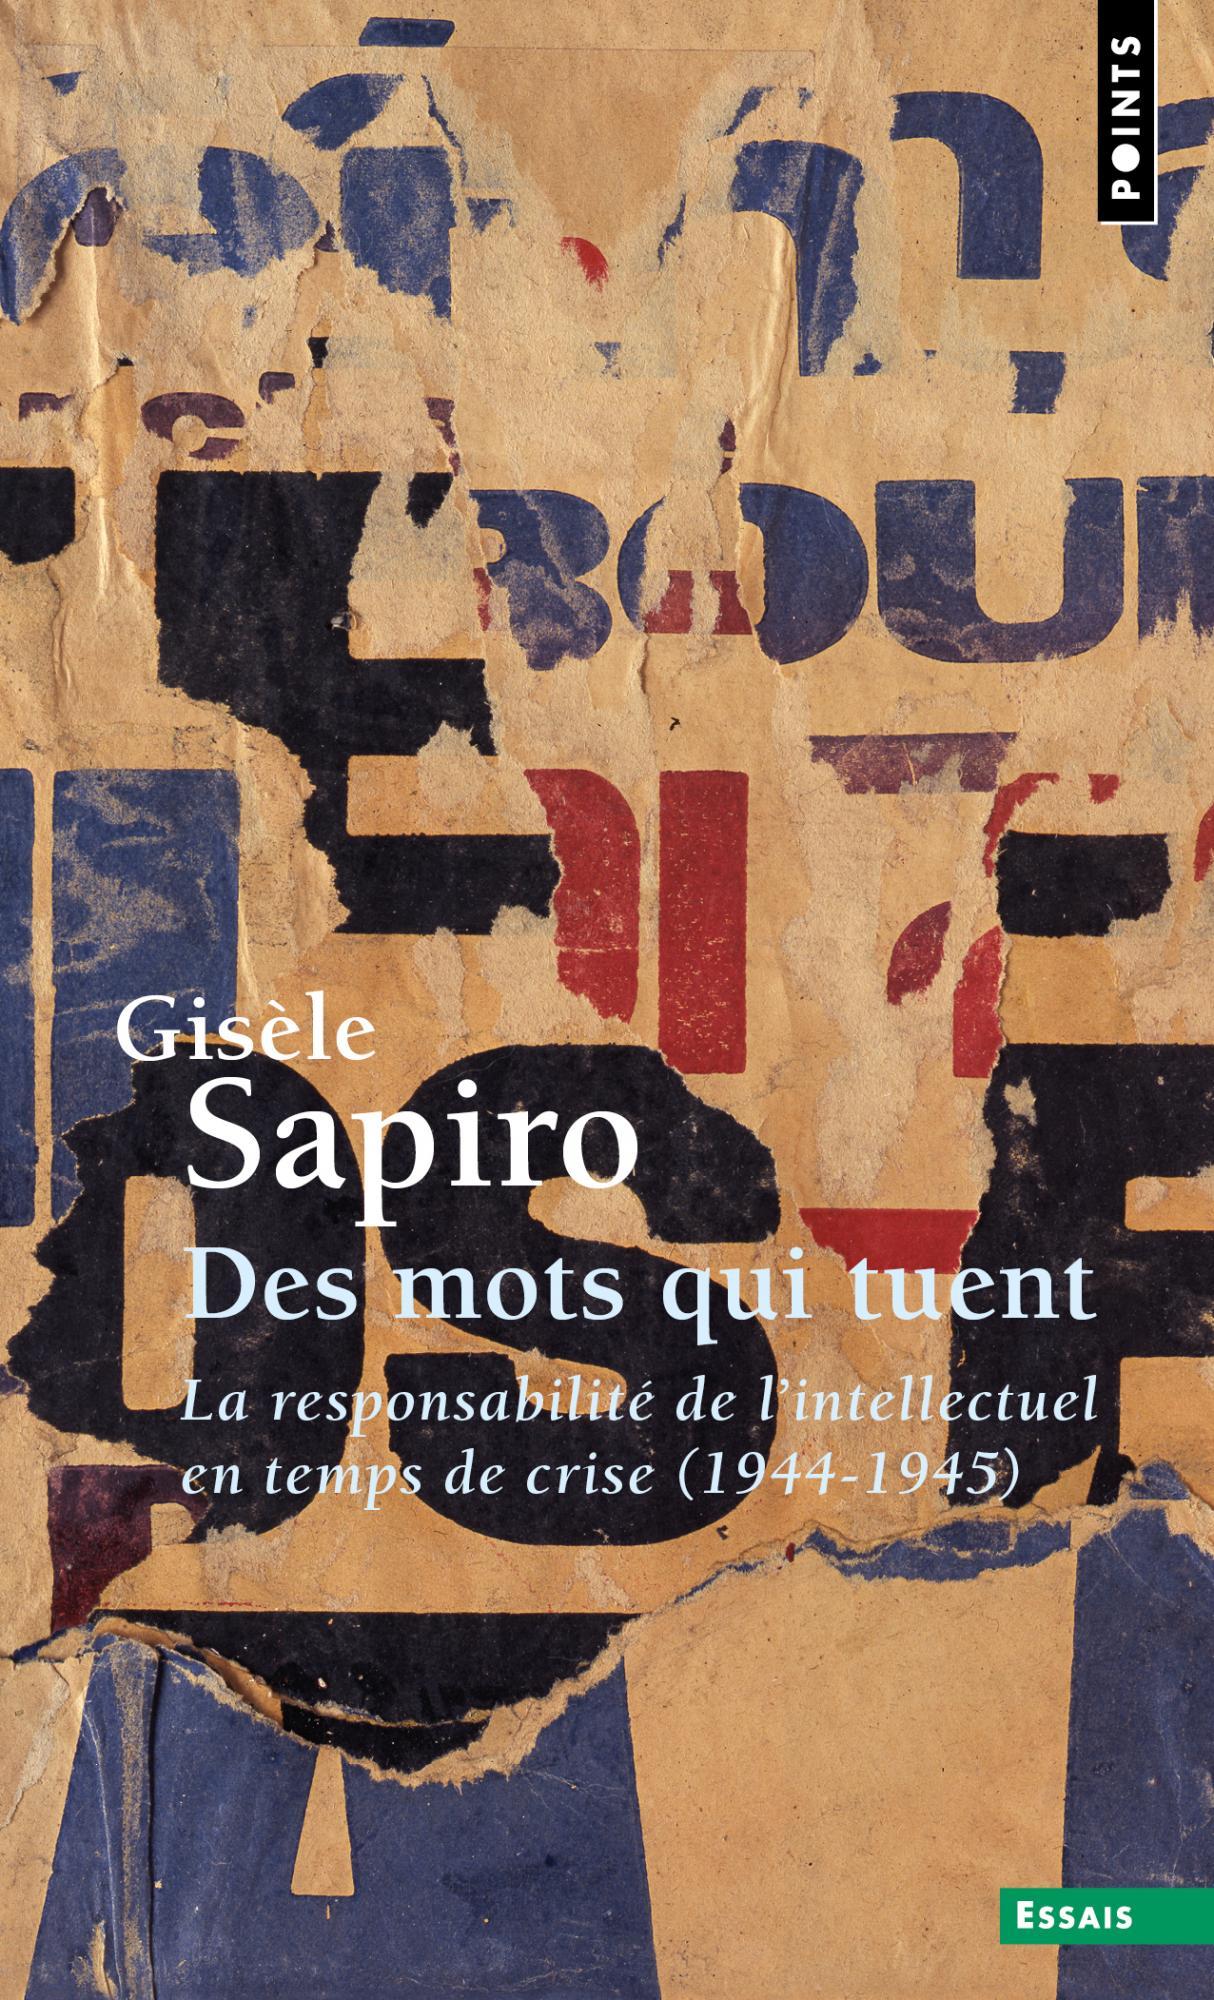 G. Sapiro, Des mots qui tuent. La responsabilité de l'intellectuel en temps de crise (1944-1945)